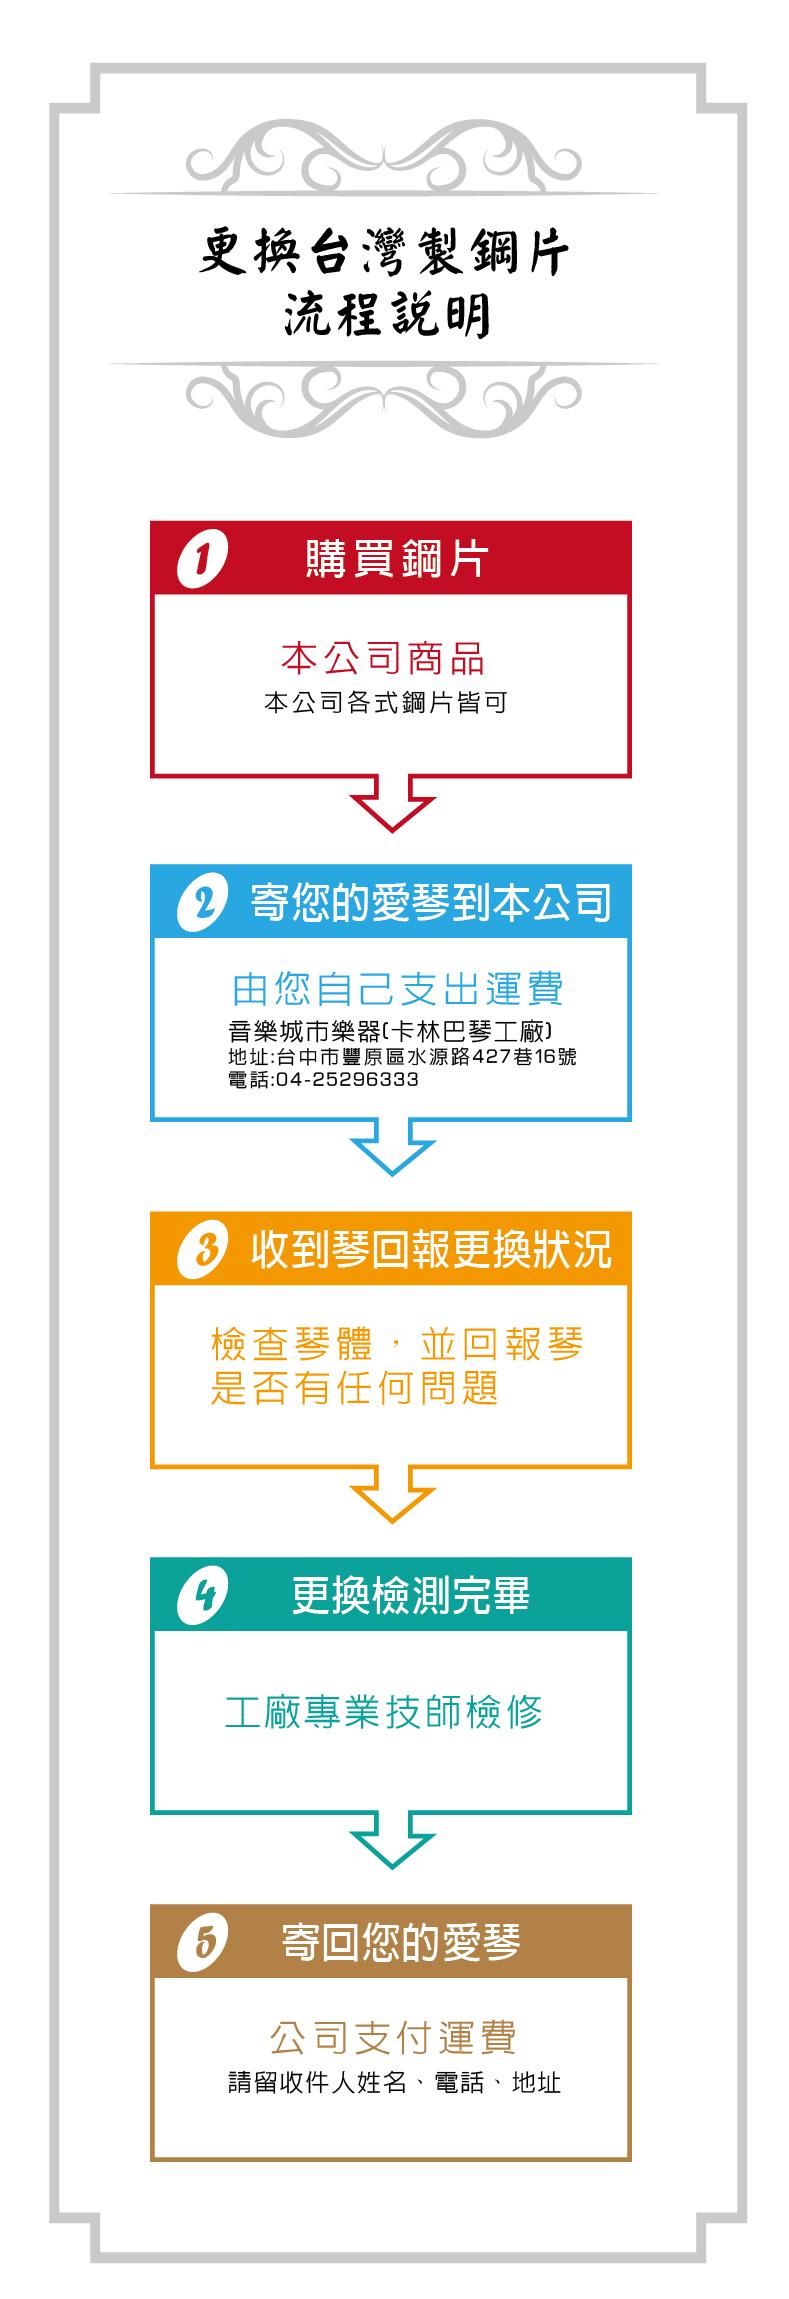 【鋼片更換服務】更換鋼片費用與寄回拇指琴運費(限台灣)